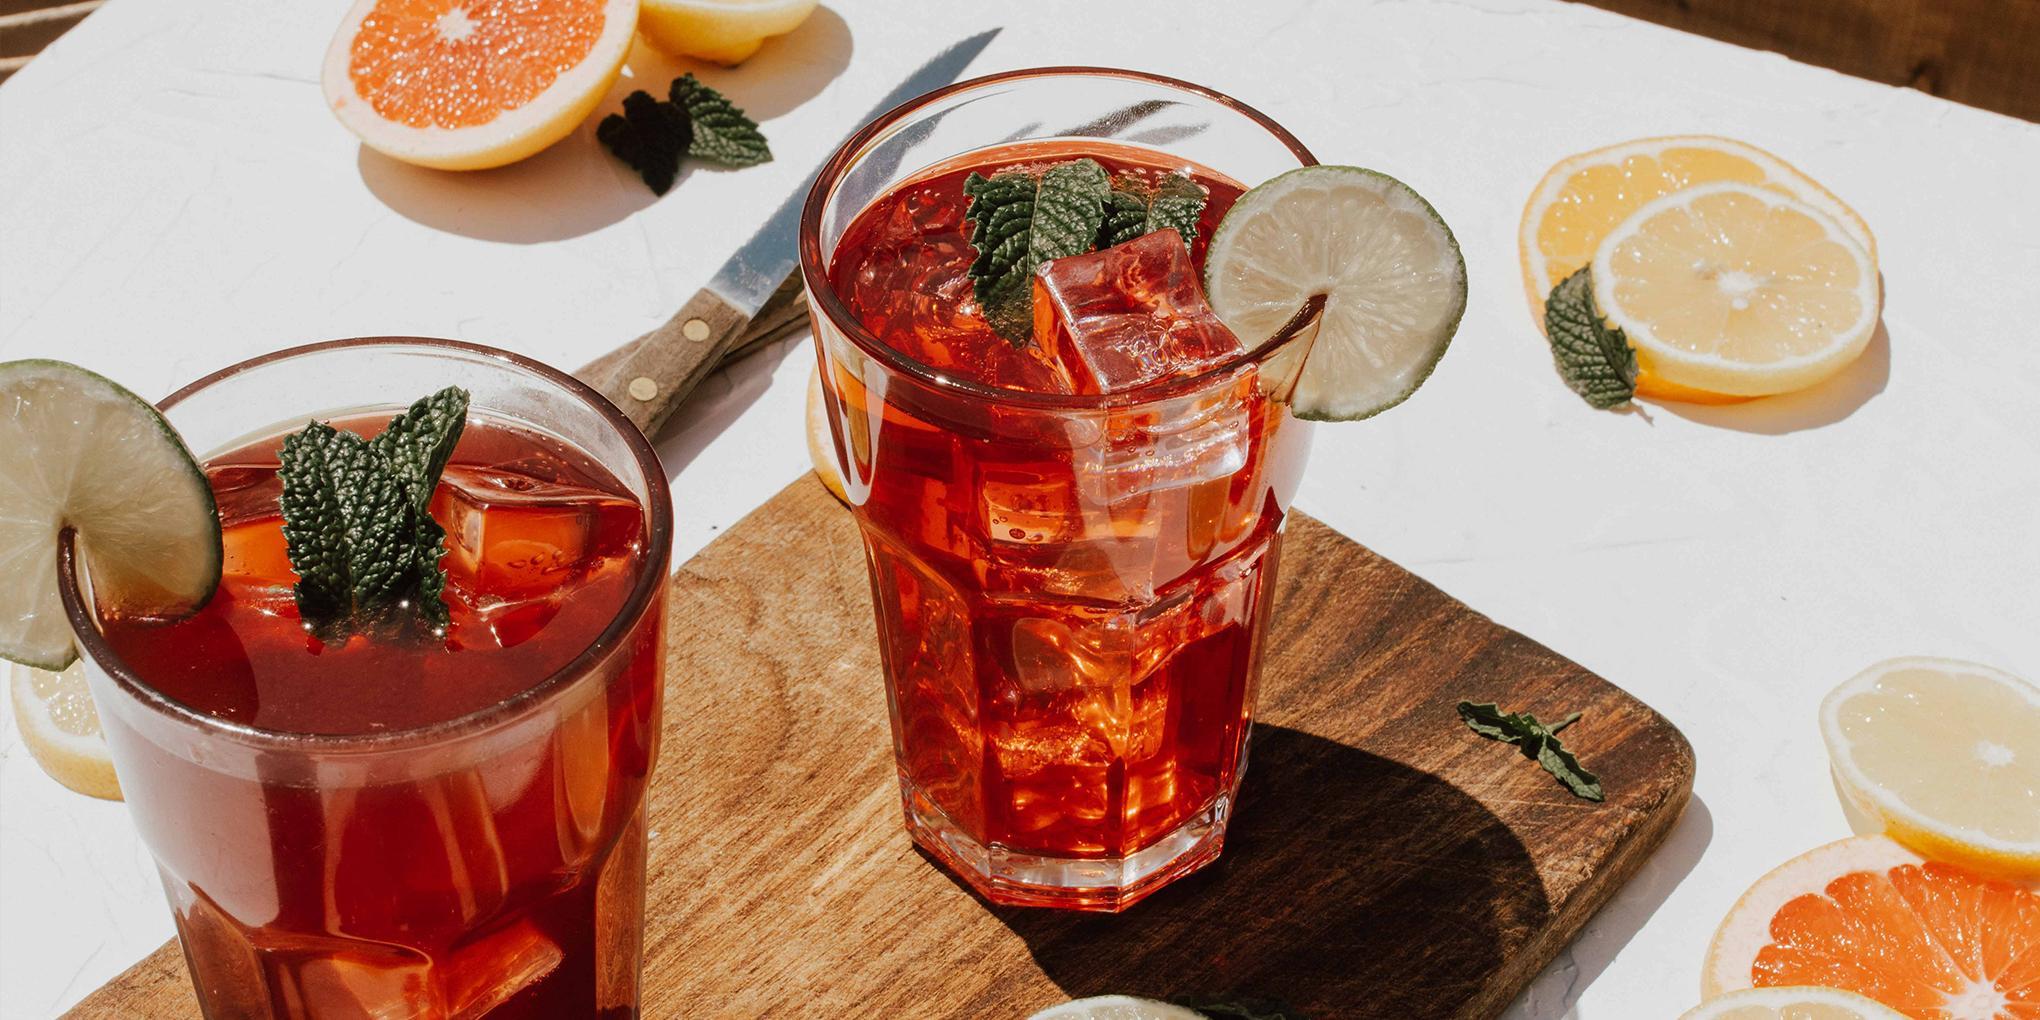 Cocktail avec eau gazeuse, kombucha et agrumes sans alcool